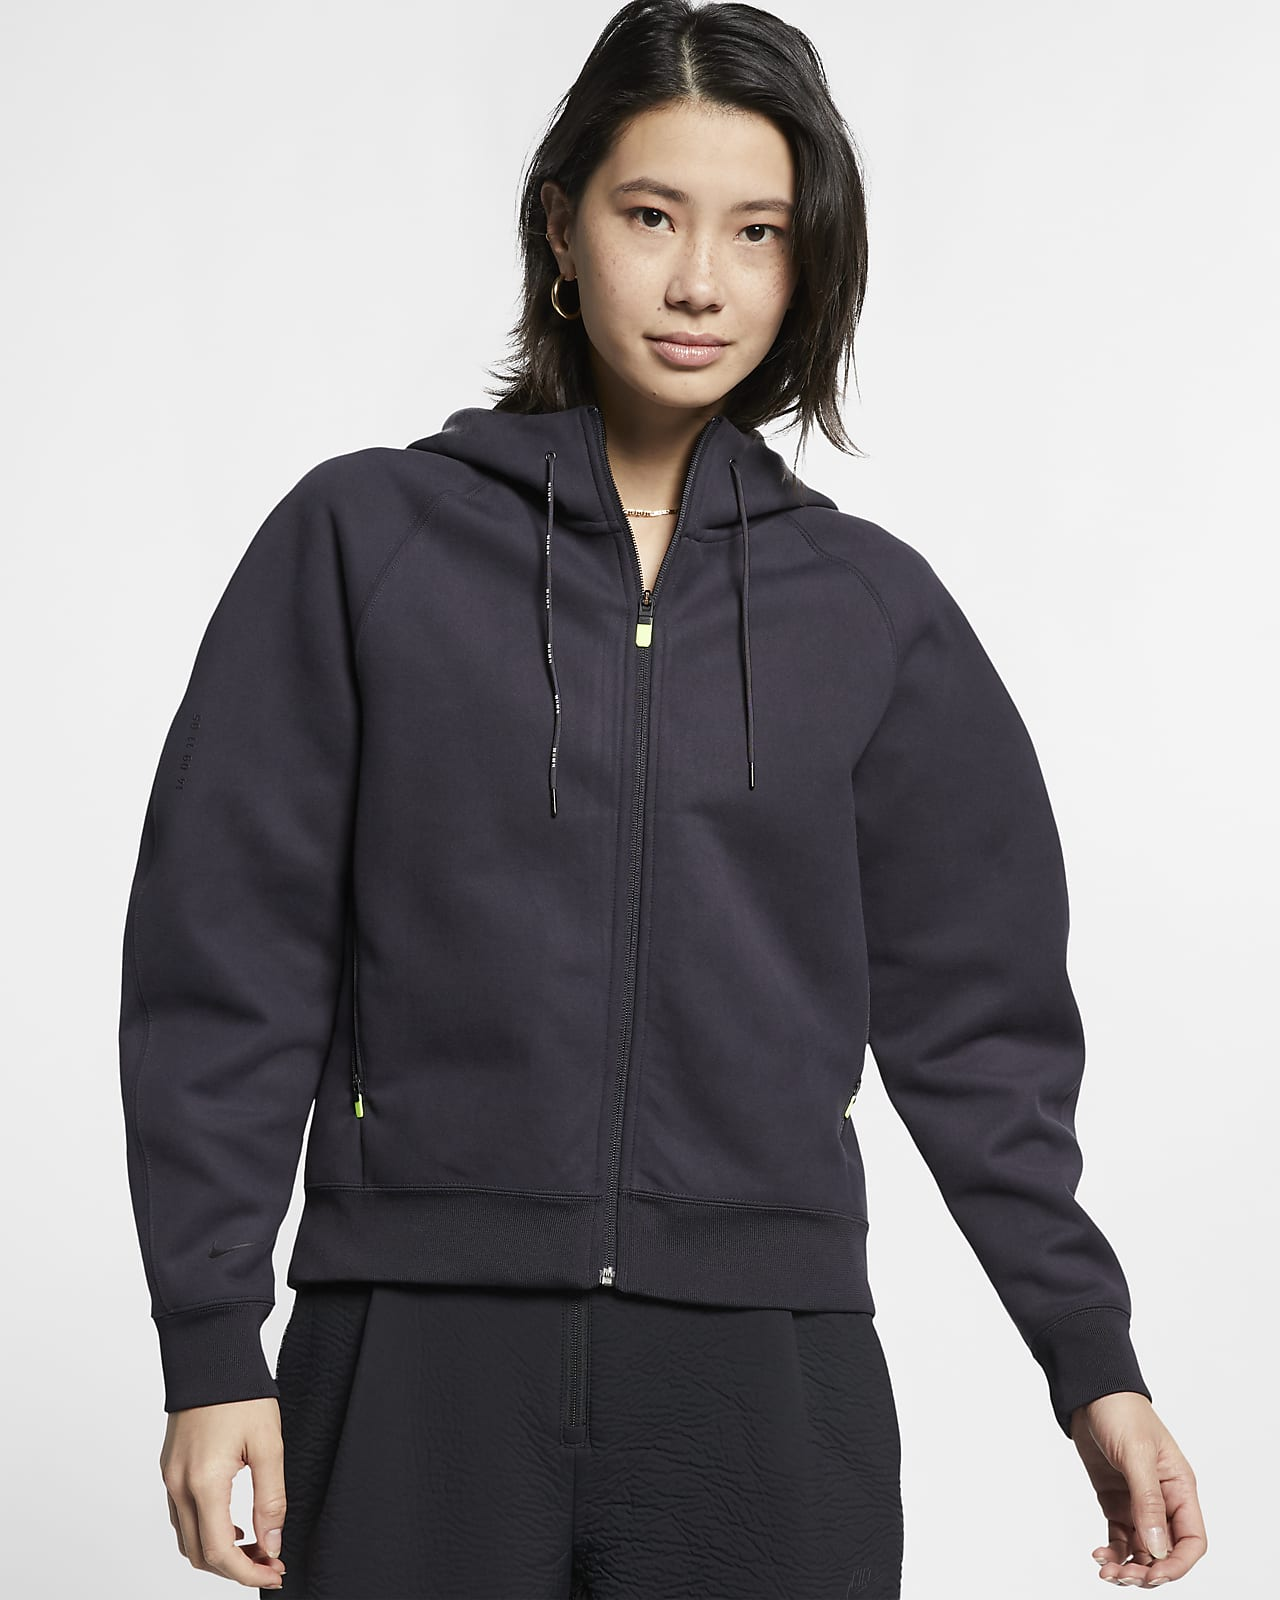 Sudadera con capucha de tejido Fleece y cierre completo para mujer Nike Sportswear Tech Pack